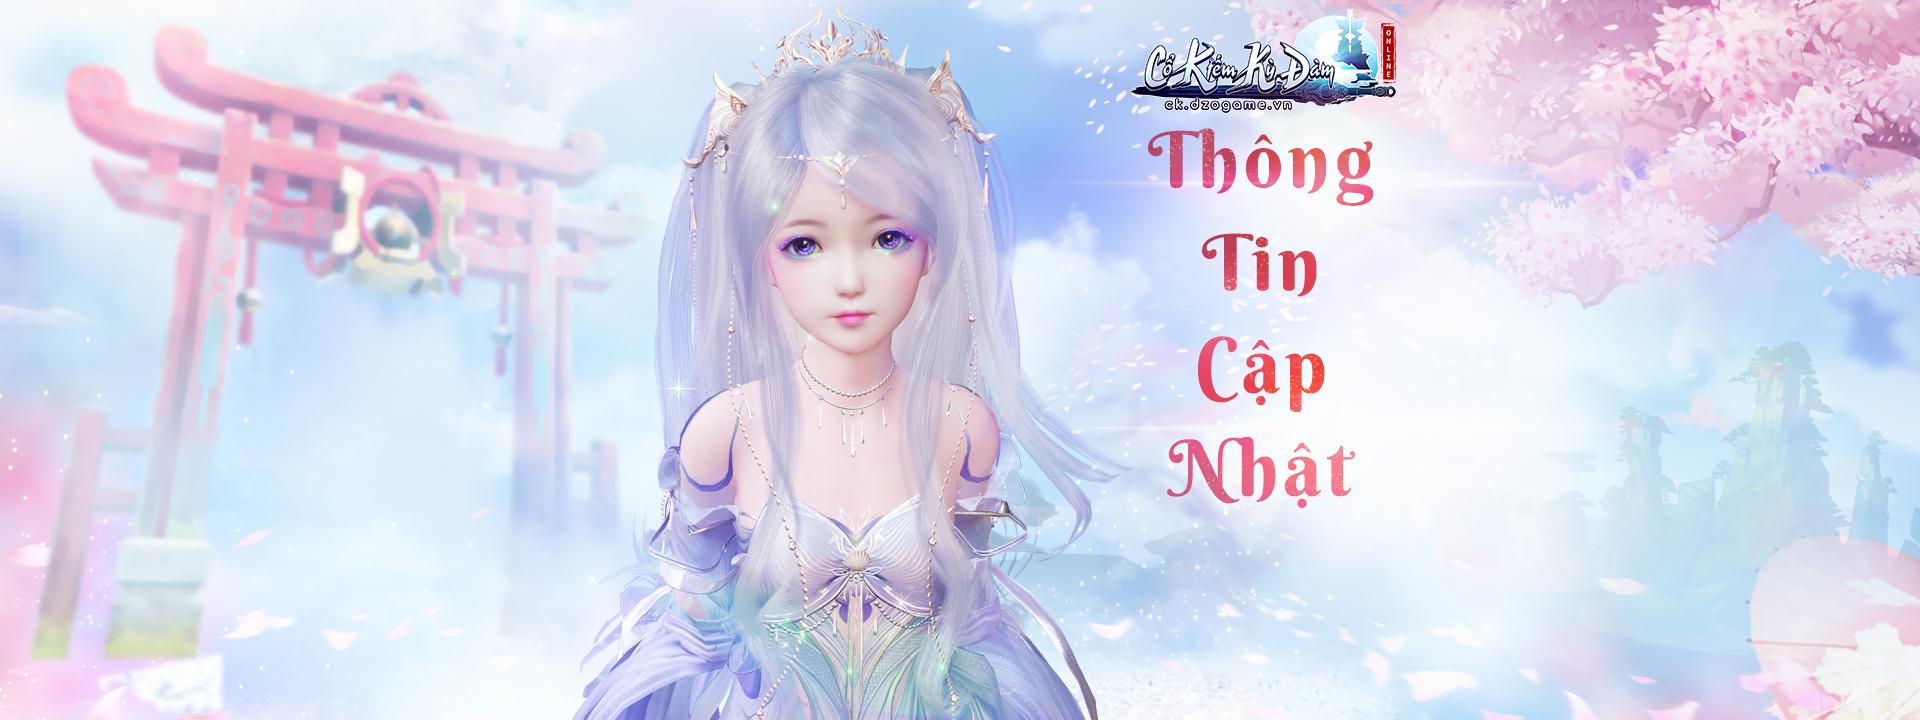 banner top THÔNG TIN BẢN CẬP NHẬT TUẦN 1